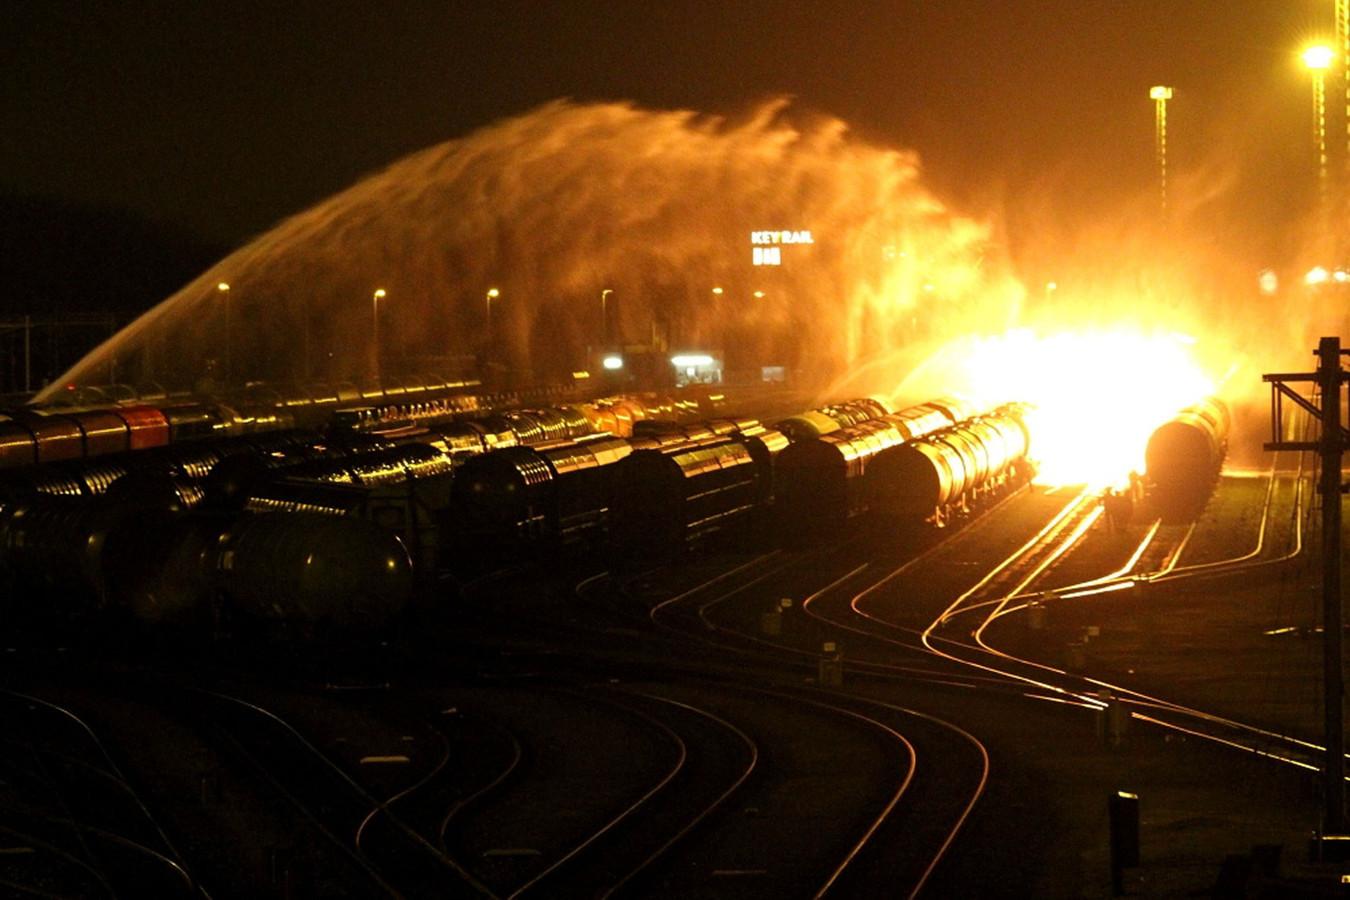 De brand op rangeerterrein Kijfhoek bij Zwijndrecht, in januari 2011.